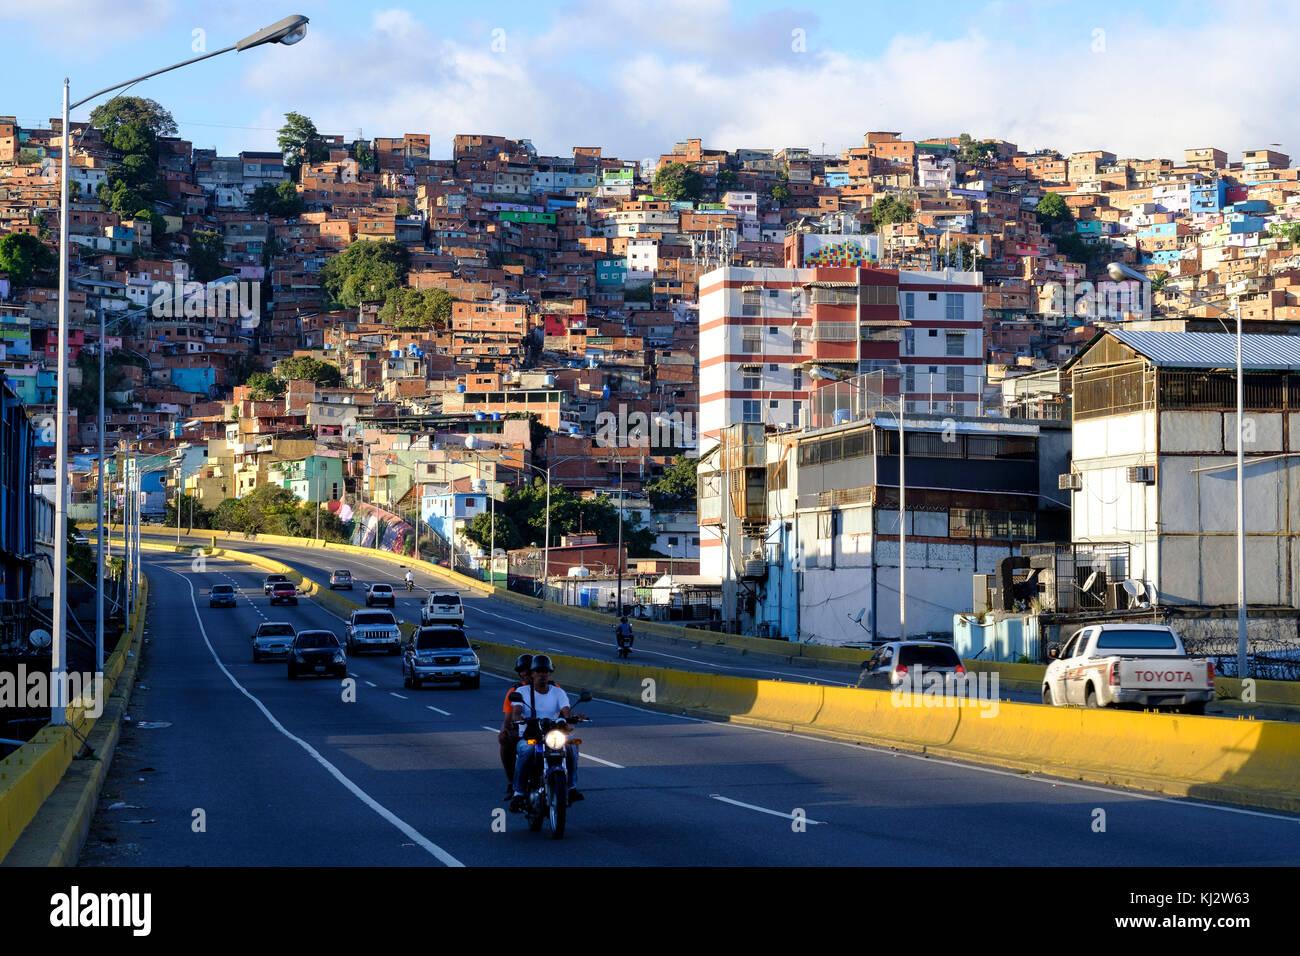 Venezuela, Santiago de Leon de Caracas: Guzm‡n Blanco shanty towns in the upper city and road - Stock Image